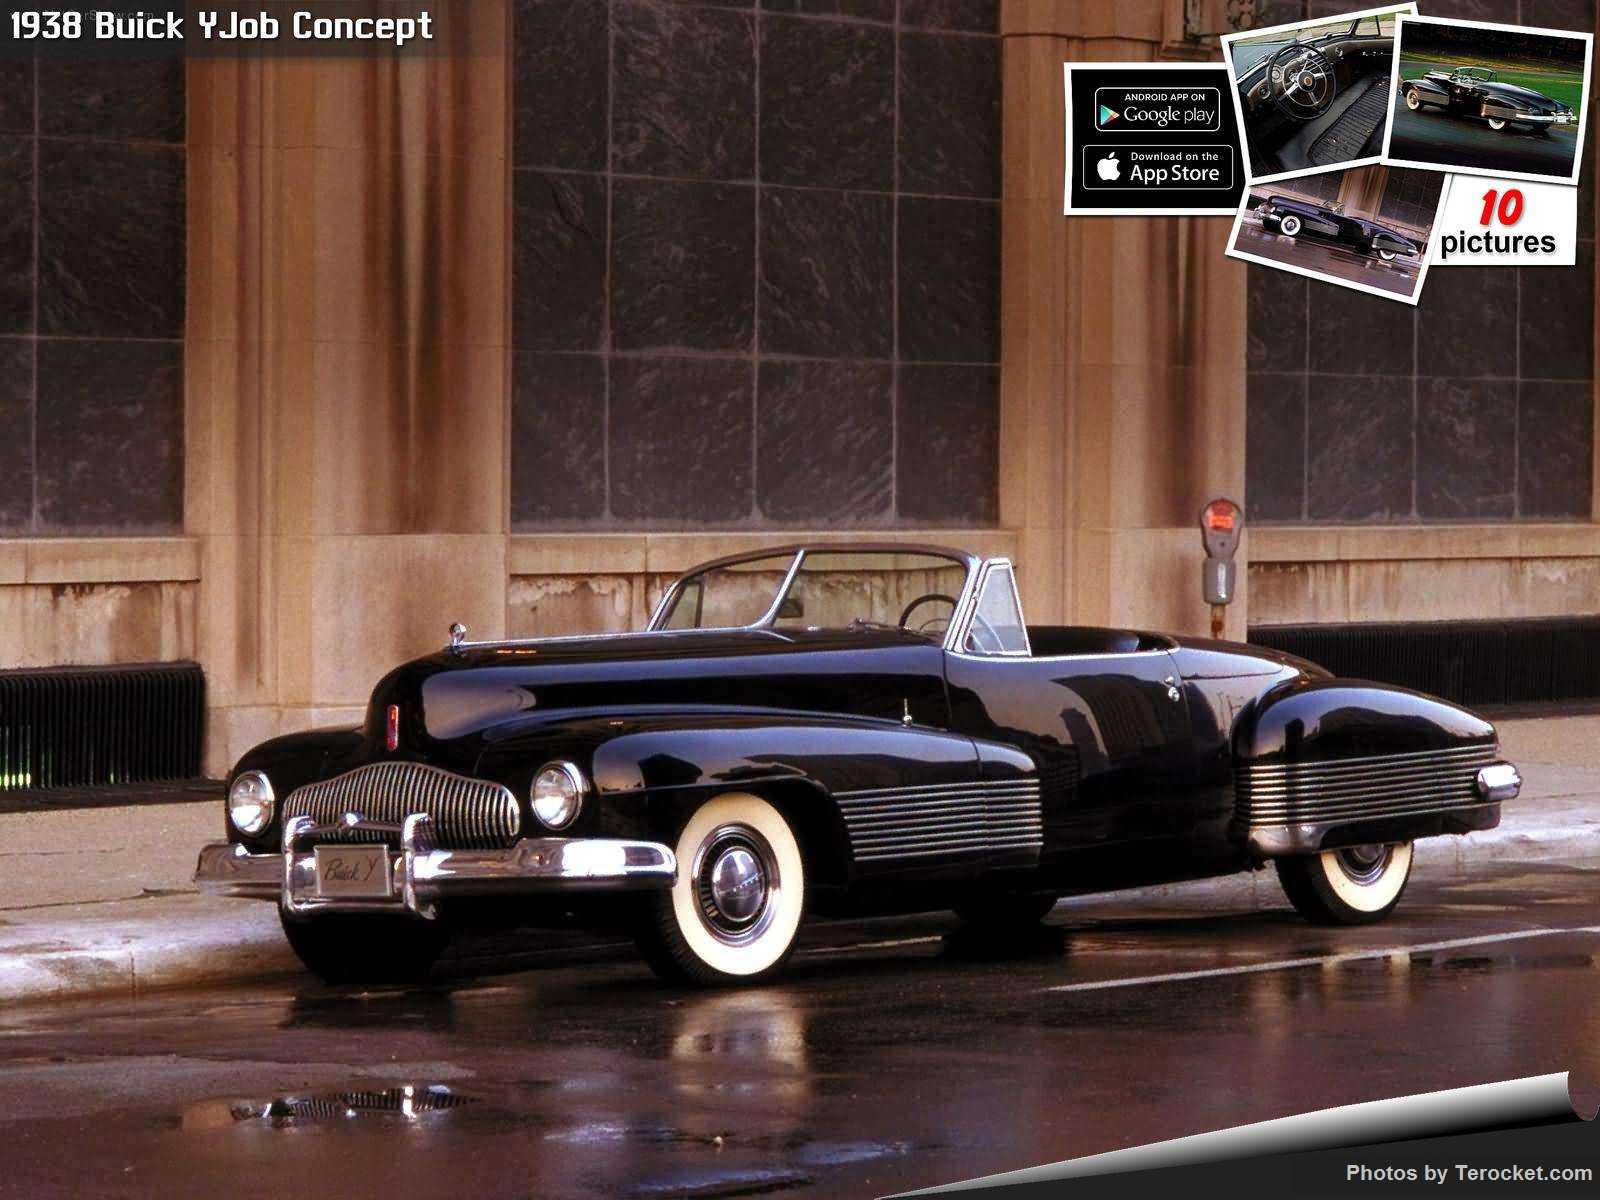 Hình ảnh xe ô tô Buick YJob Concept 1938 & nội ngoại thất